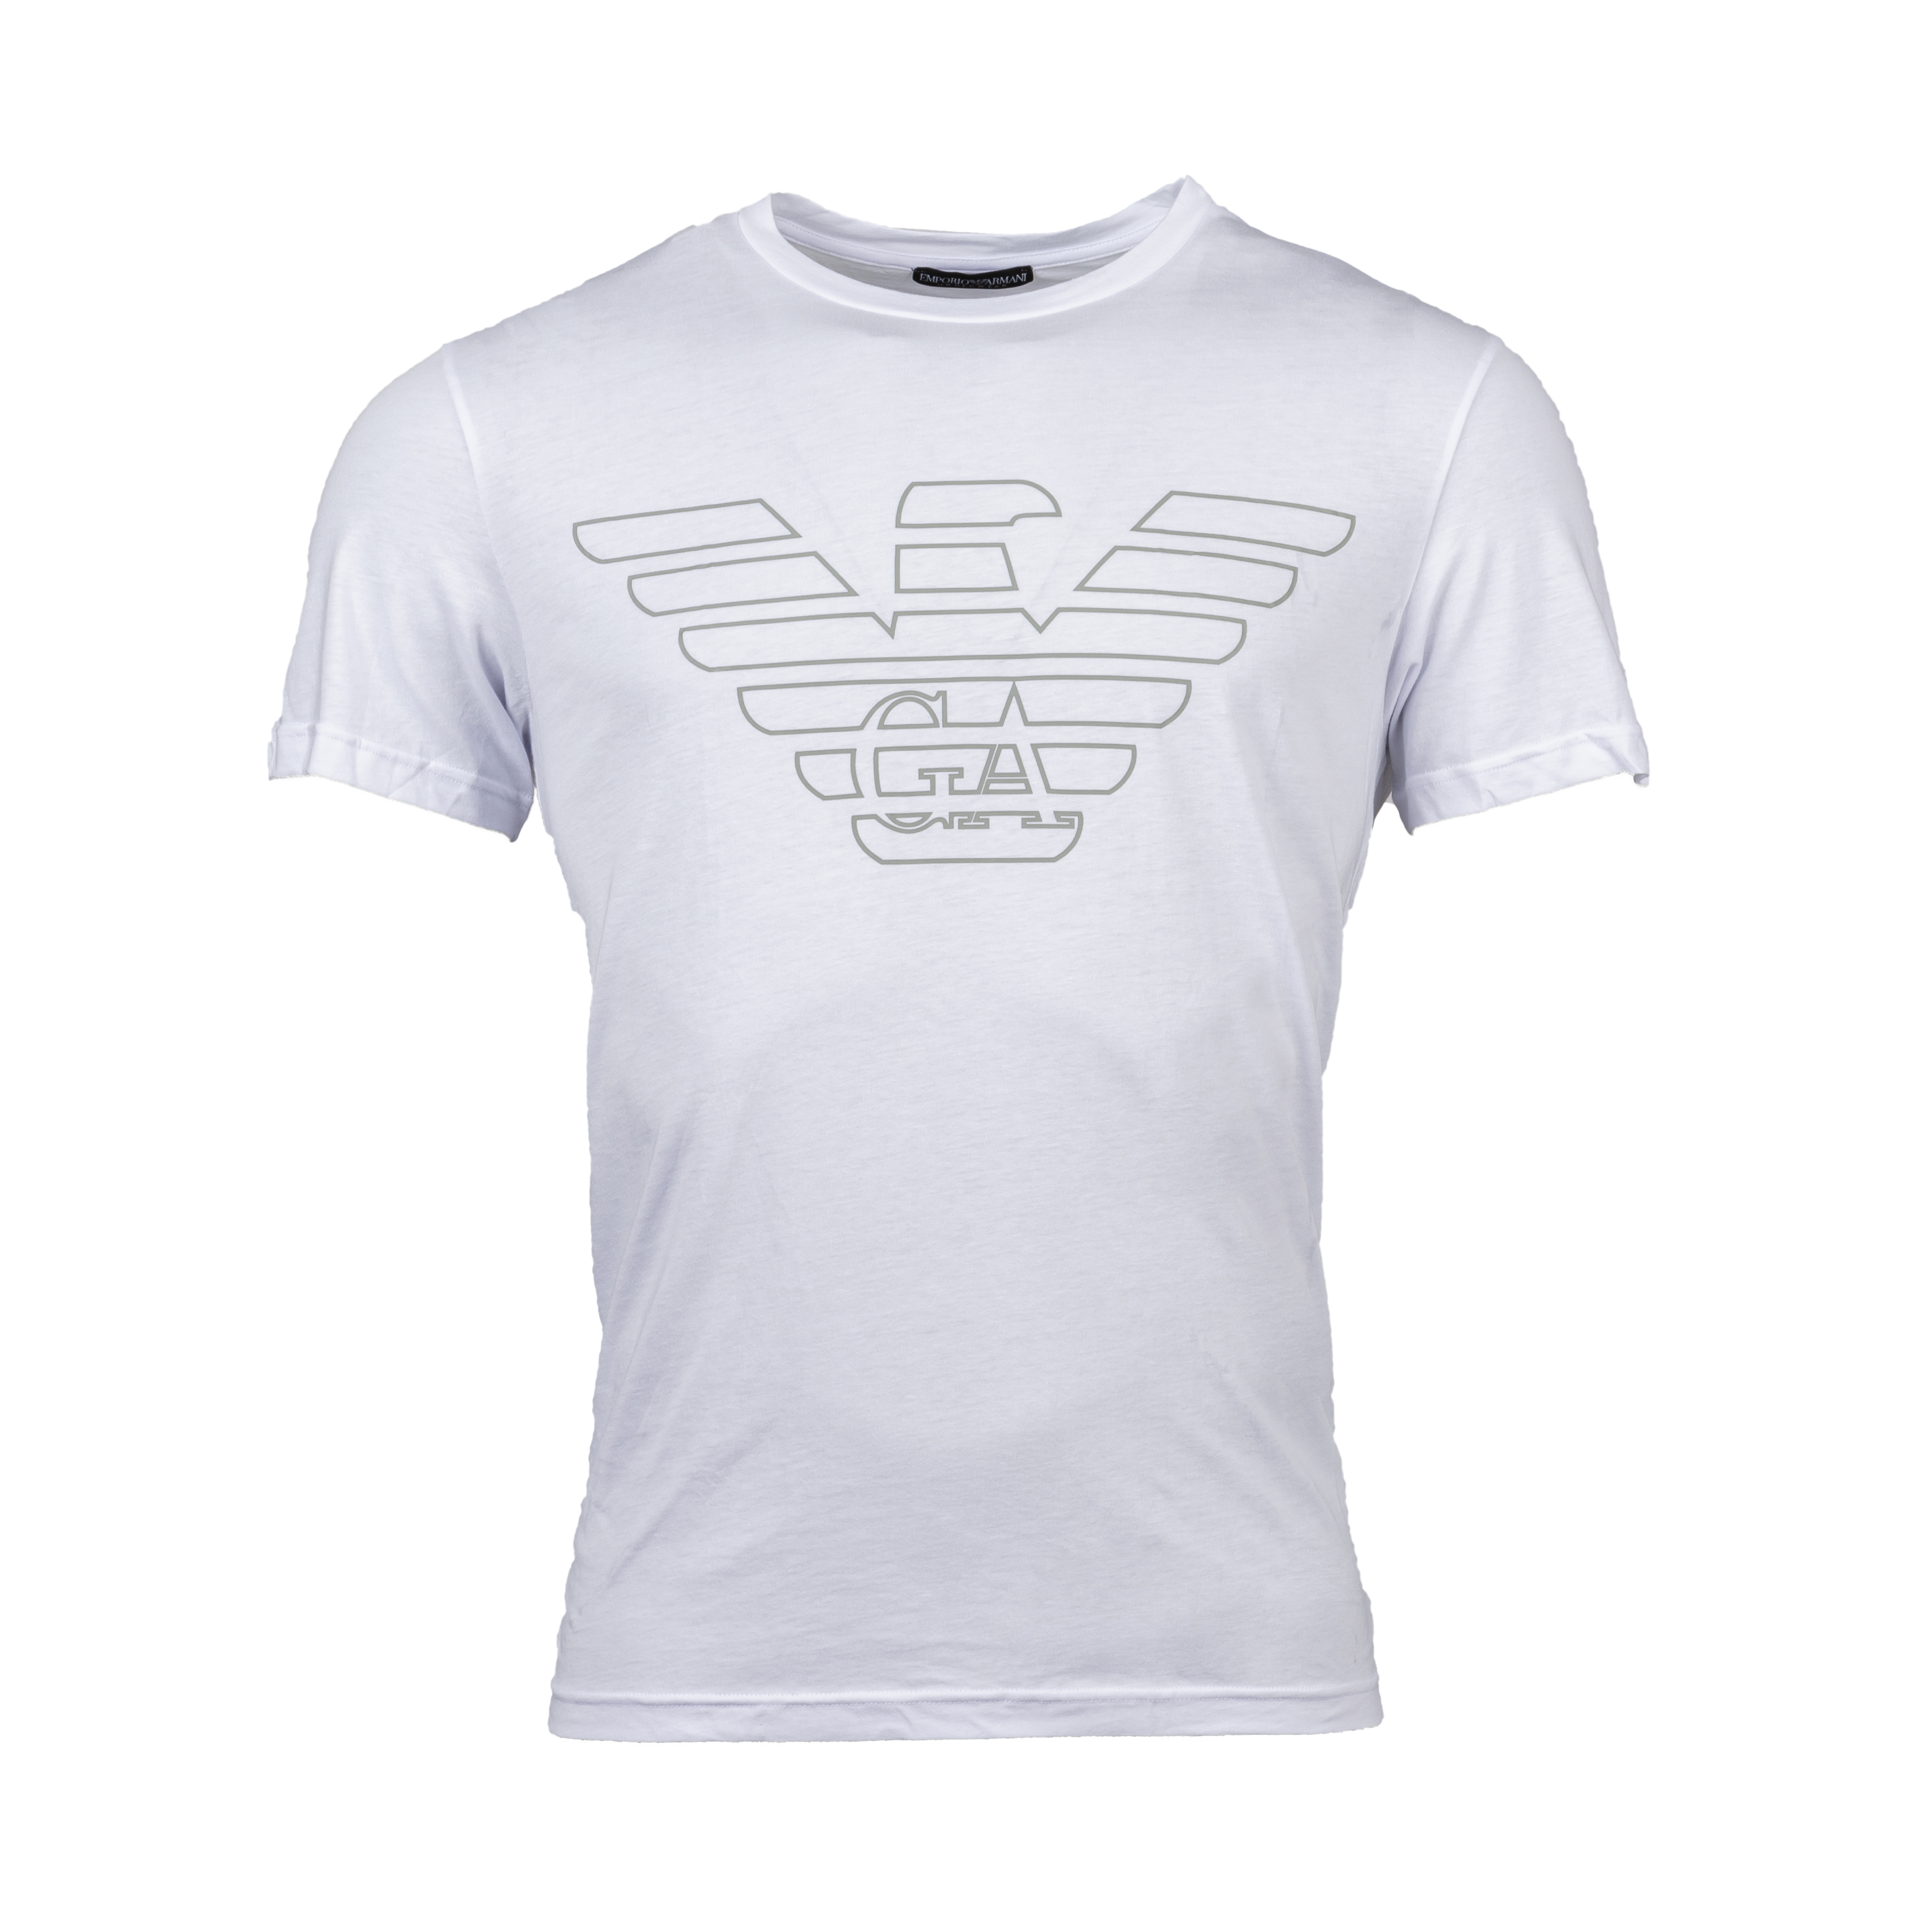 Tee-shirt col rond  en coton biologique blanc floqué